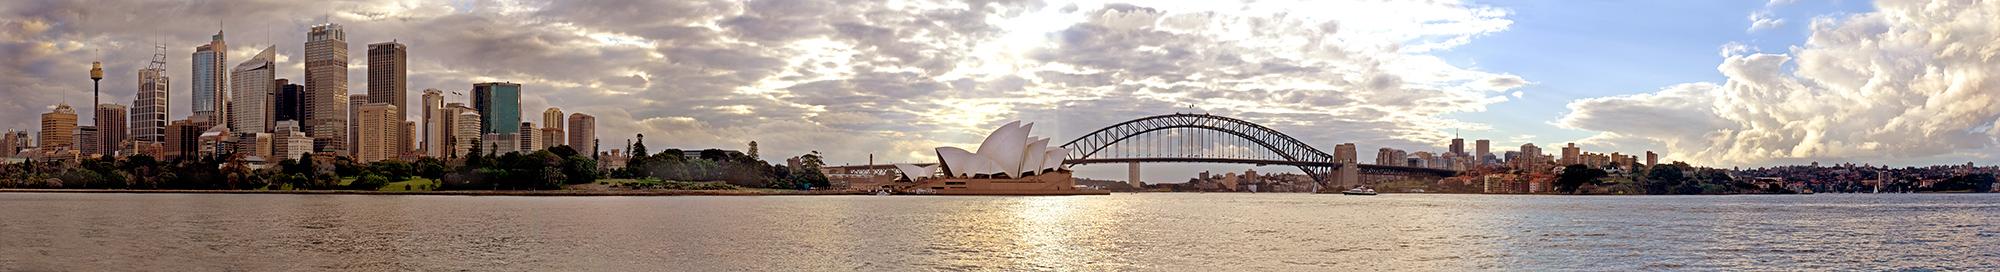 - Sydney IV -